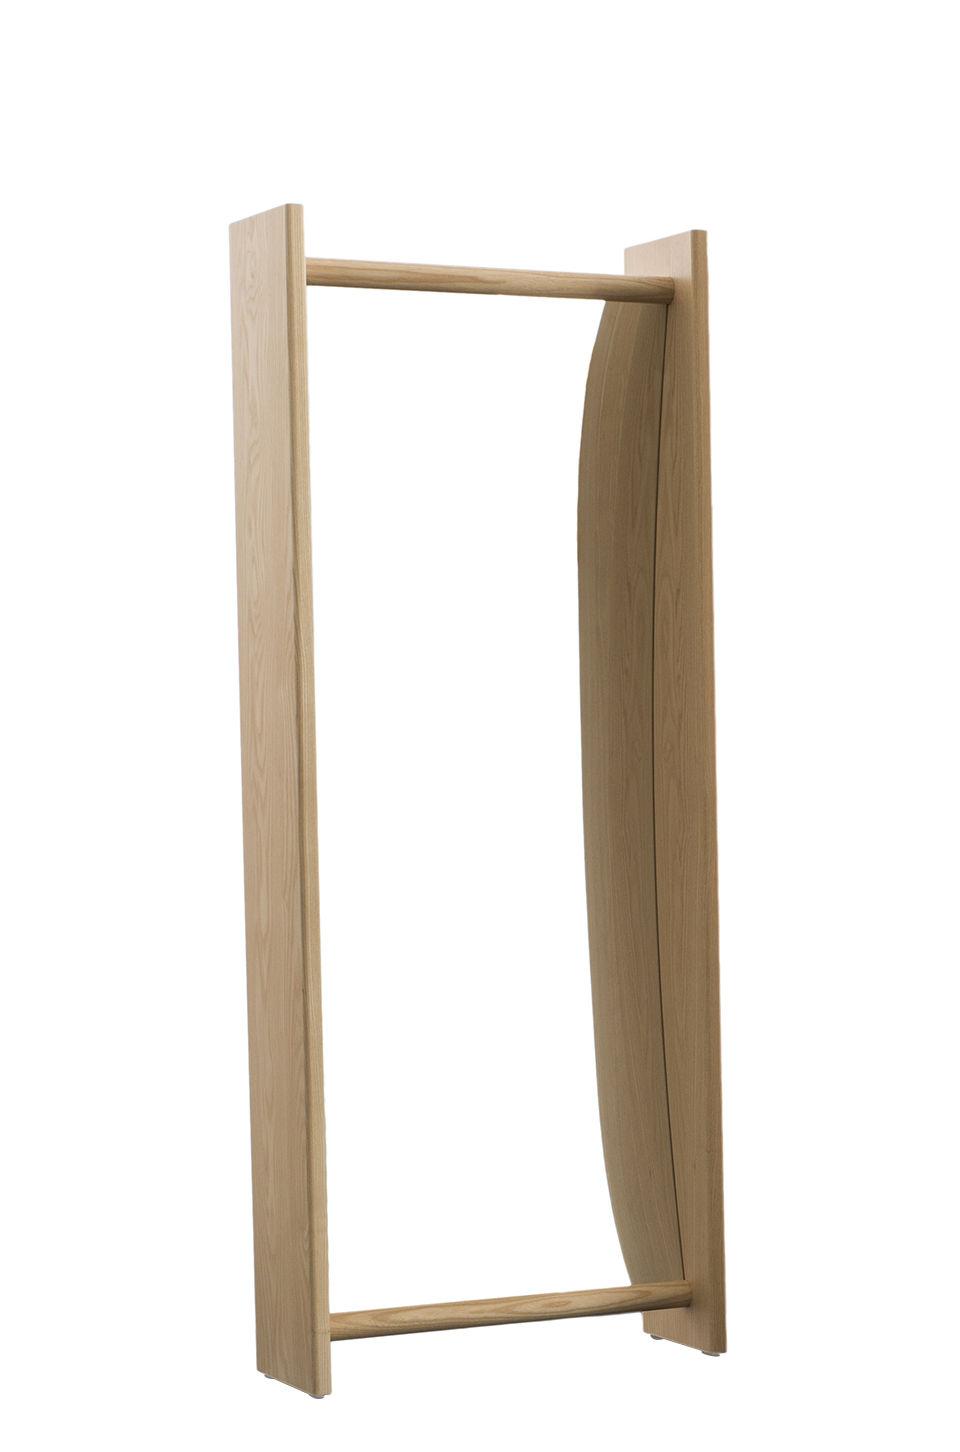 Mobilier - Mobilier Kids - Miroir à poser Little Big / Concave - L 52 x H 134 cm - Magis Collection Me Too - Frêne / Concave - Frêne massif, Verre